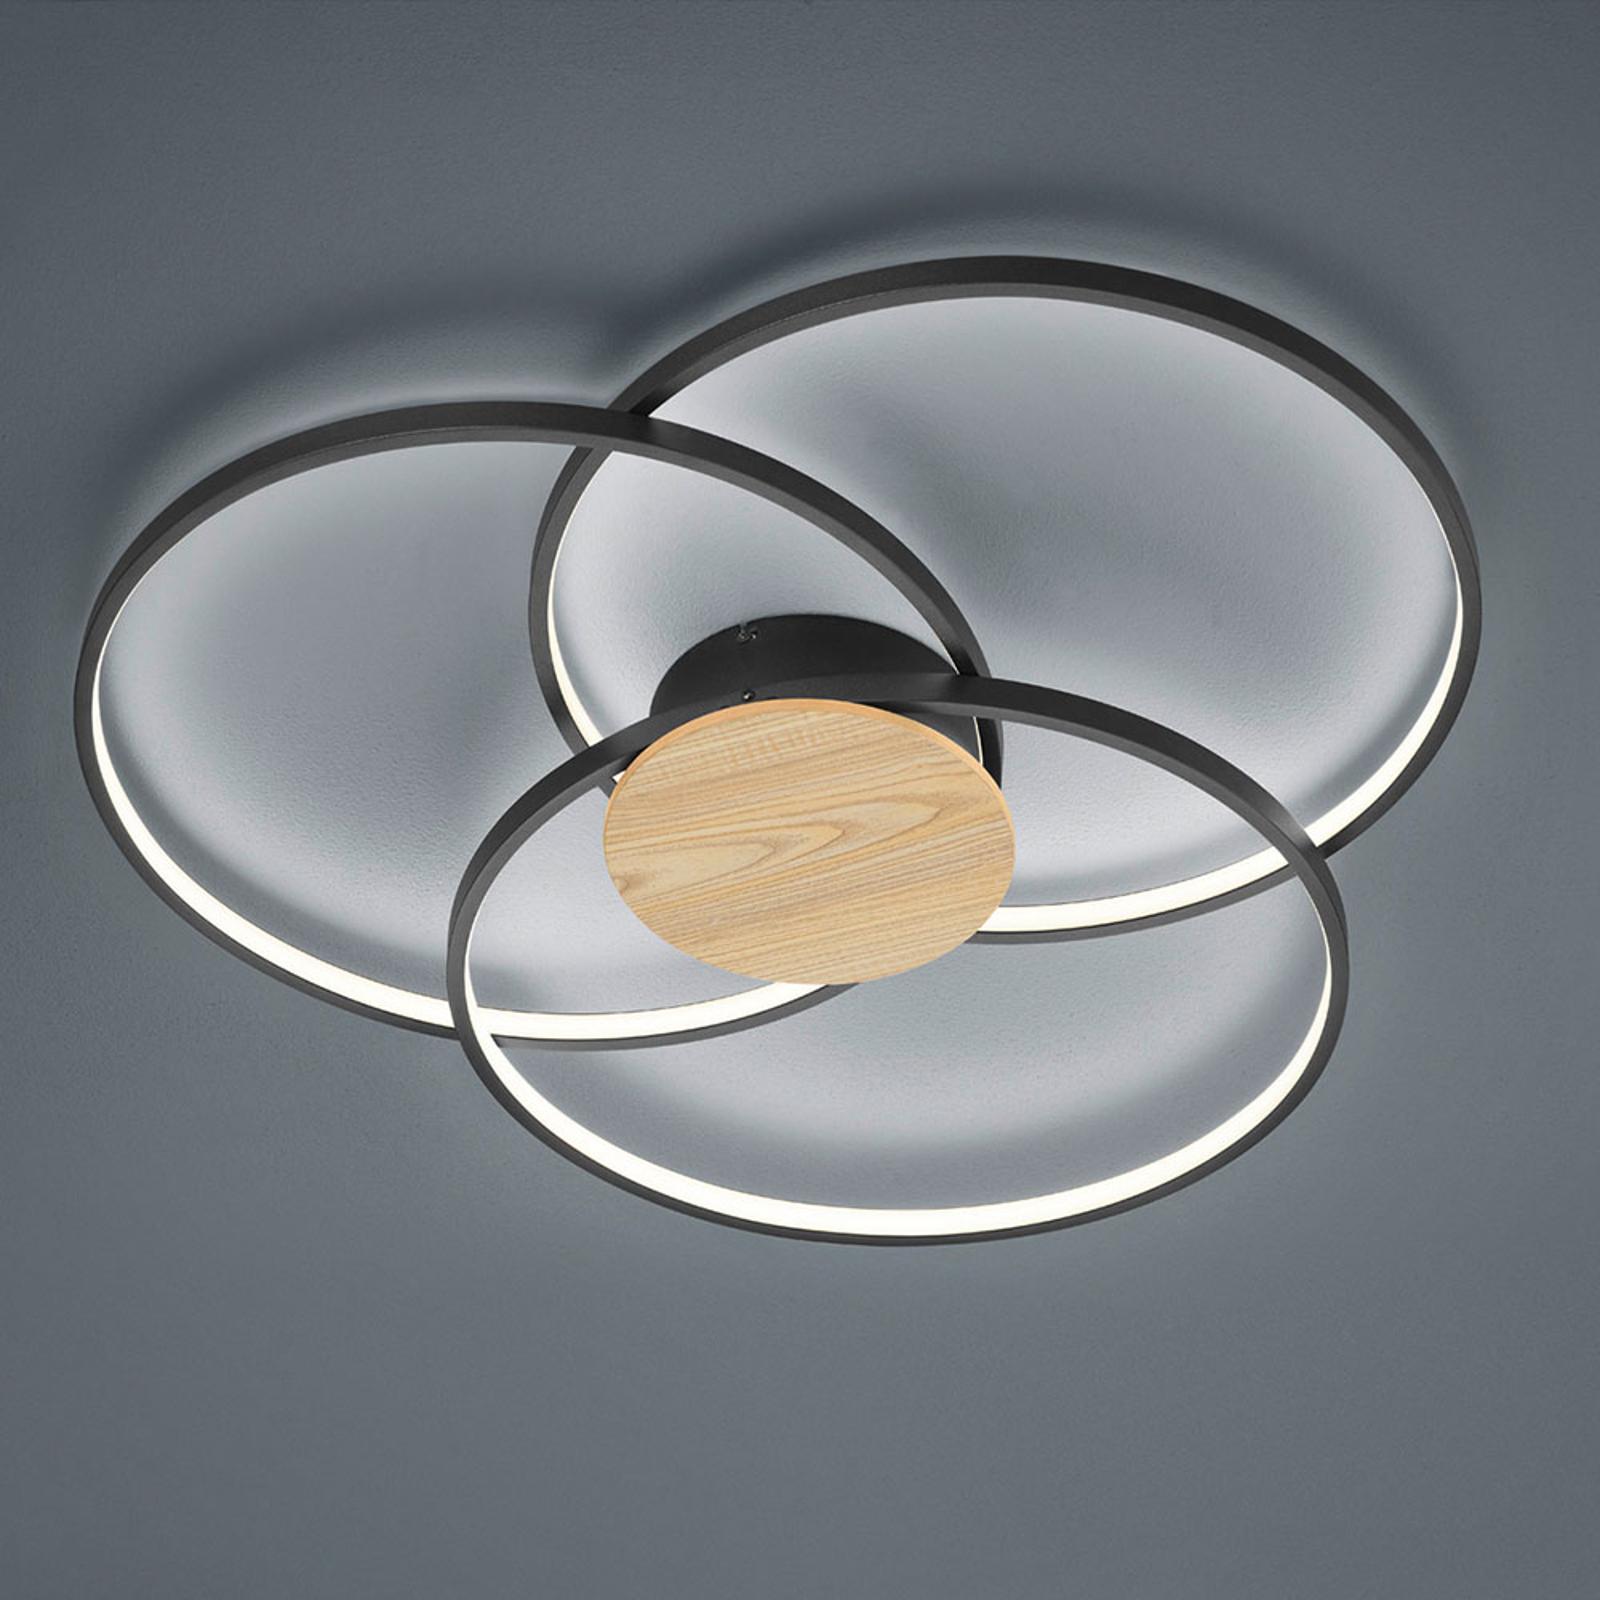 LED stropní světlo Sedona dřevěný prvek černá